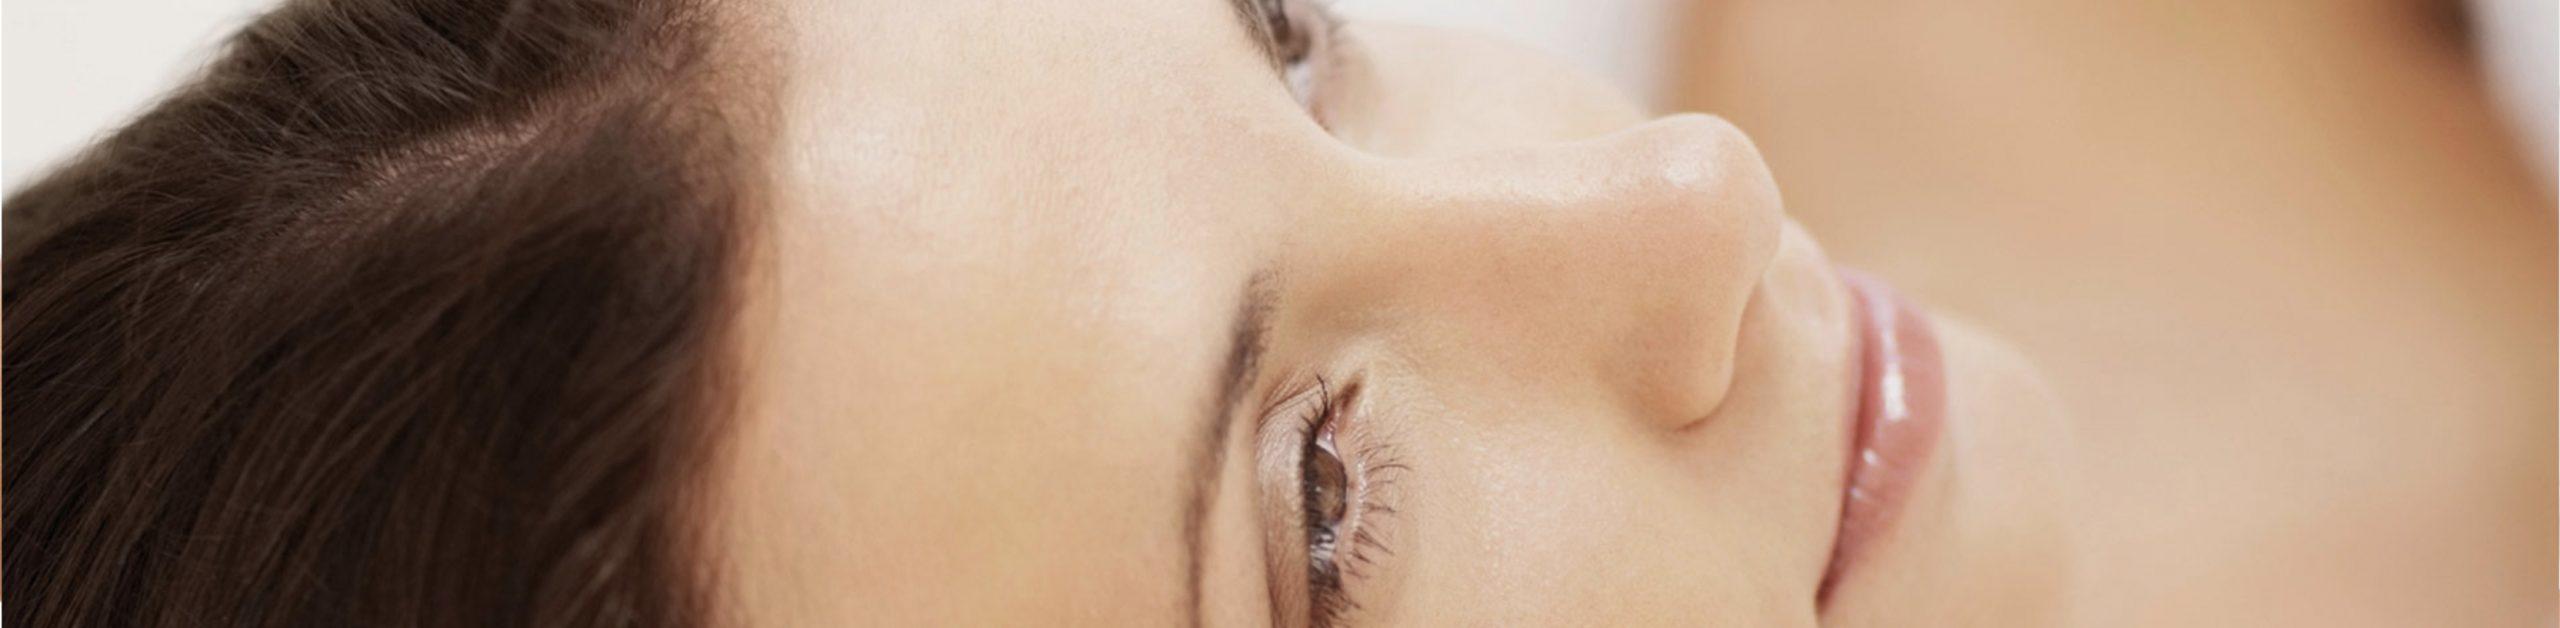 Soin complet «sur mesure»<br /> Nouvelle gamme de soins du visage complets et efficaces